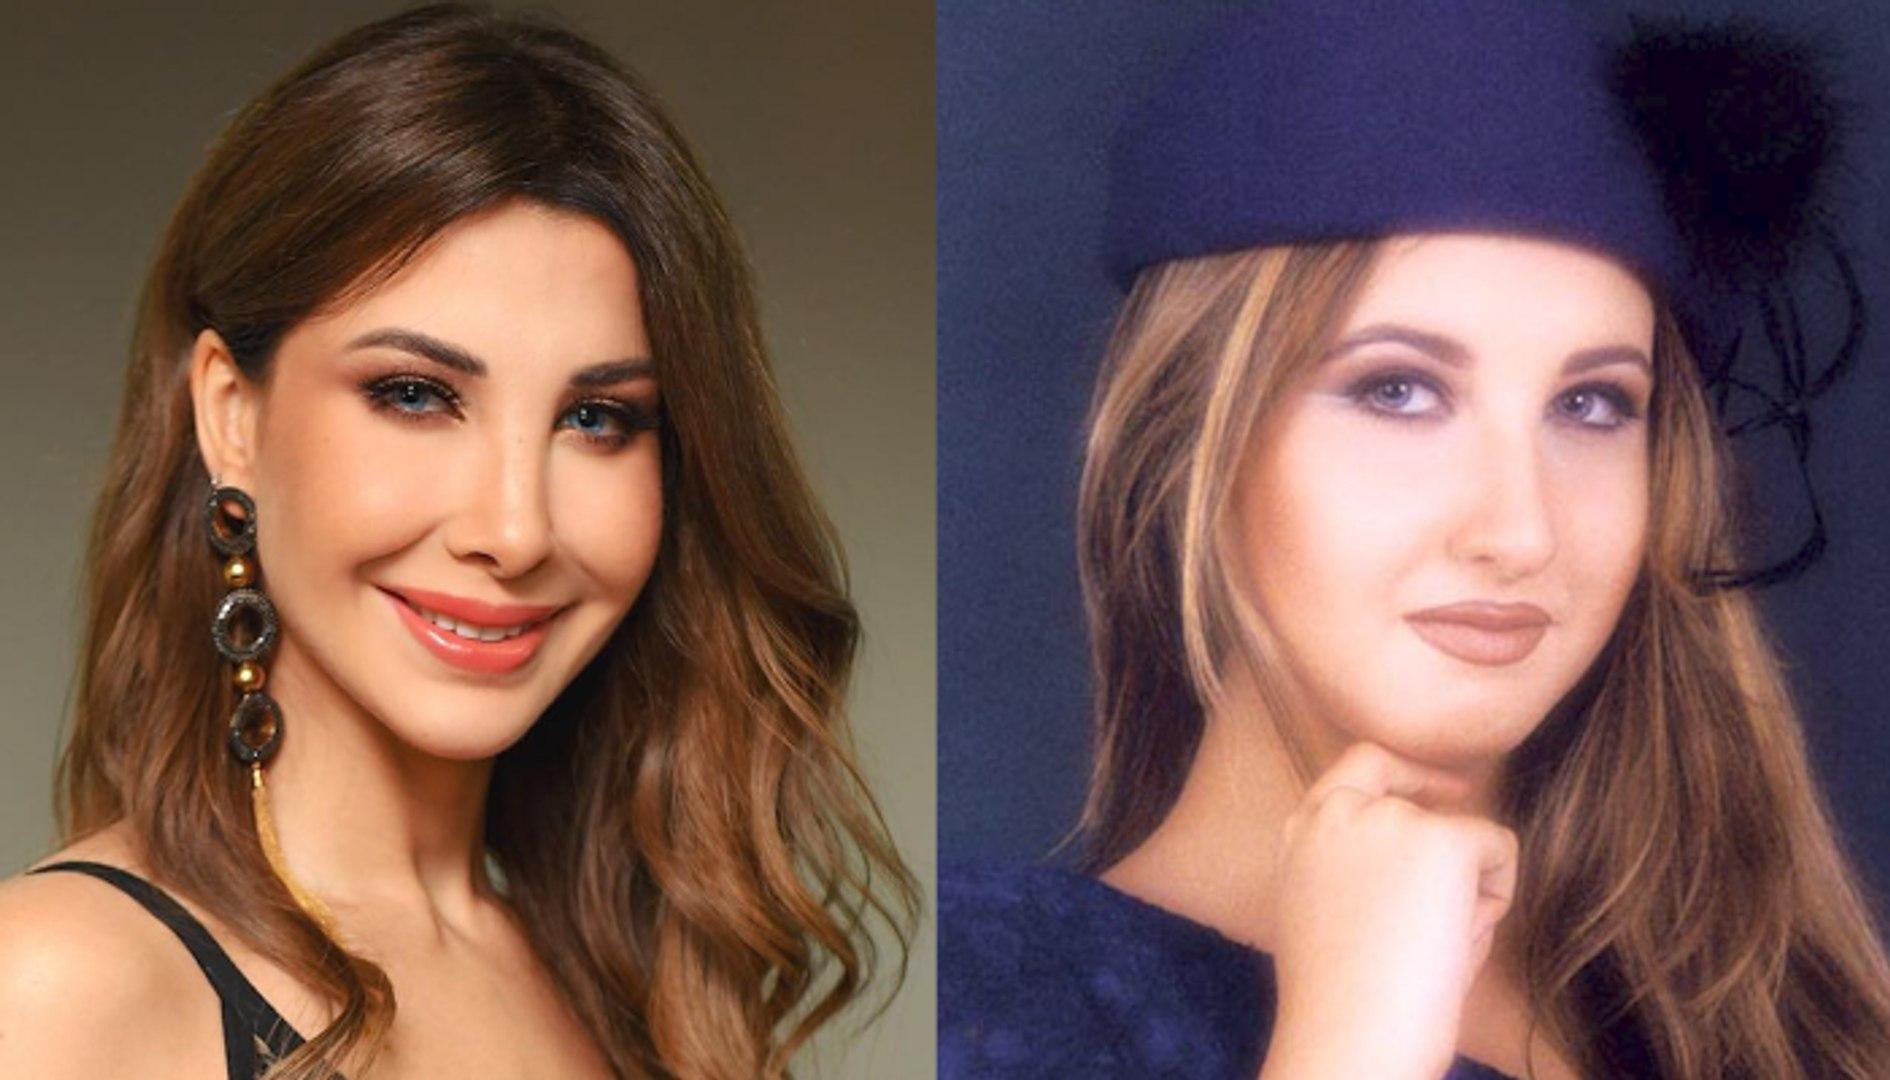 الن جمات العربي ات قبل وبعد عملي ة تحديد الفك وشد الذ قن فيديو Dailymotion